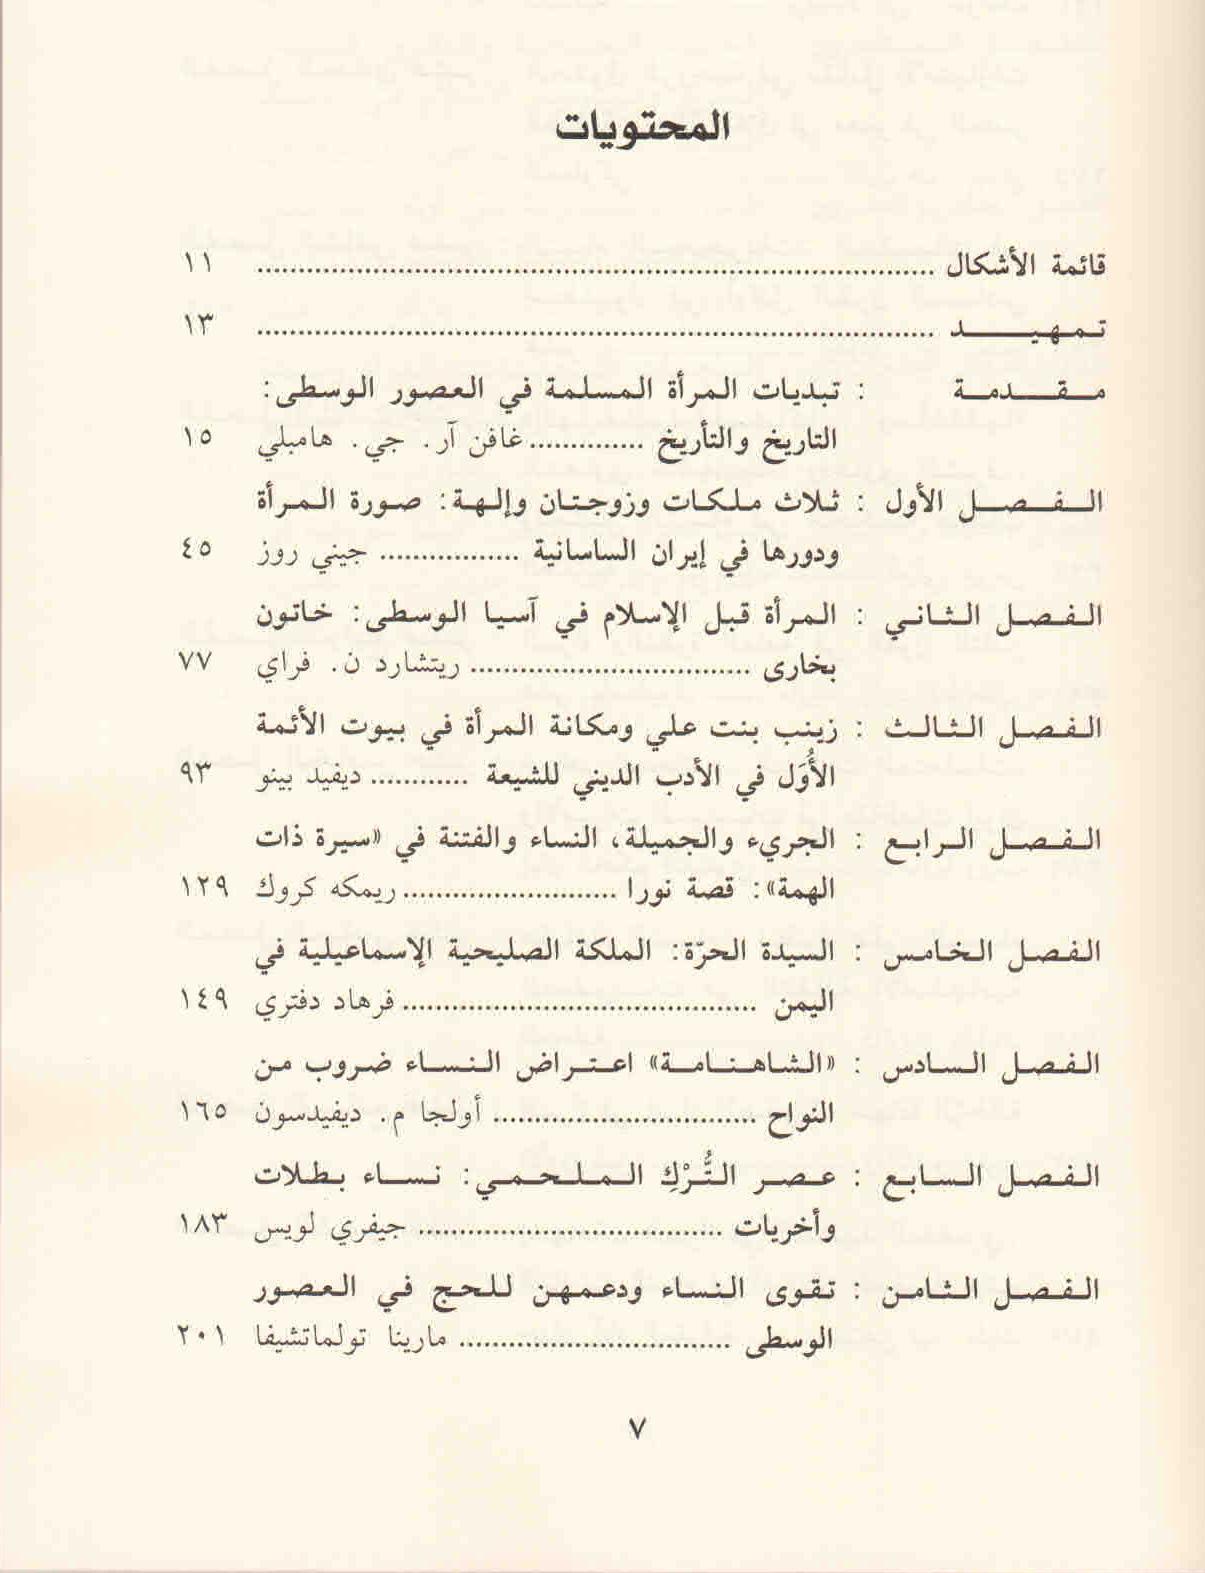 ص 7 محتويات كتاب المرأة في العصور الوسطى الإسلامية